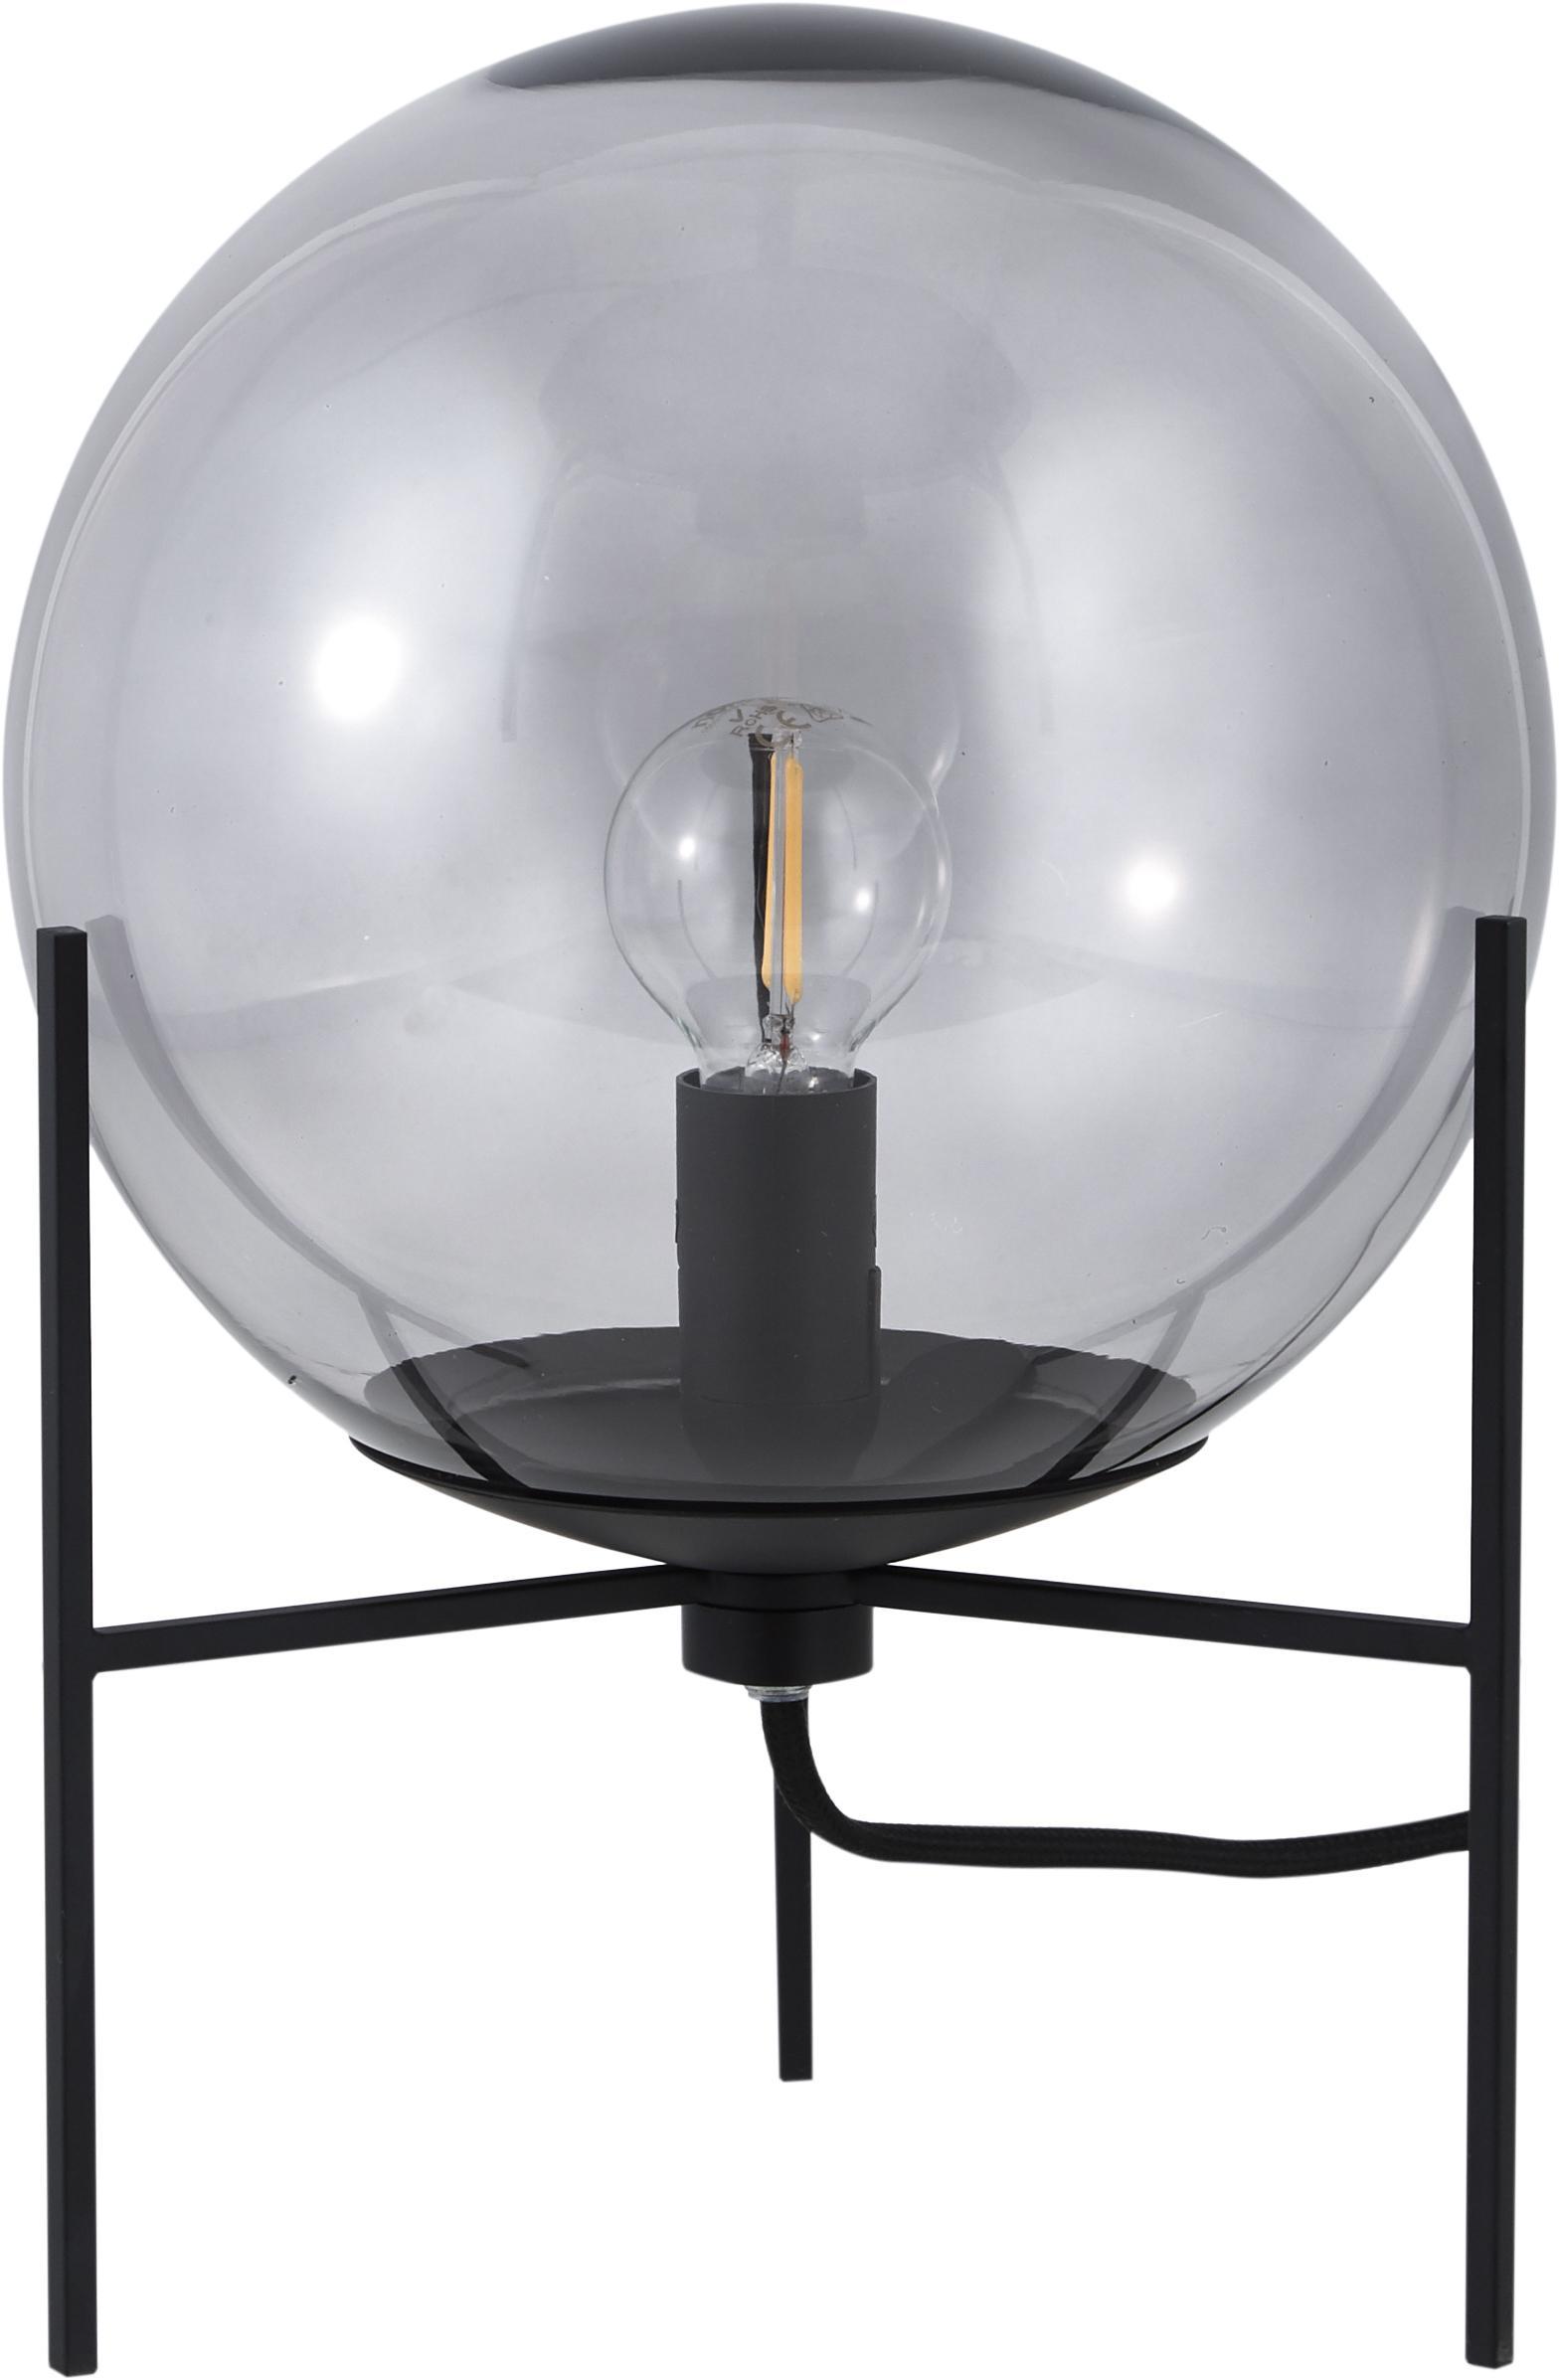 Lámpara de mesa Alton, estilo industrial, Pantalla: vidrio, Estructura: metal recubierto, Cable: plástico, Negro, gris, transparente, Ø 20 x Al 29 cm